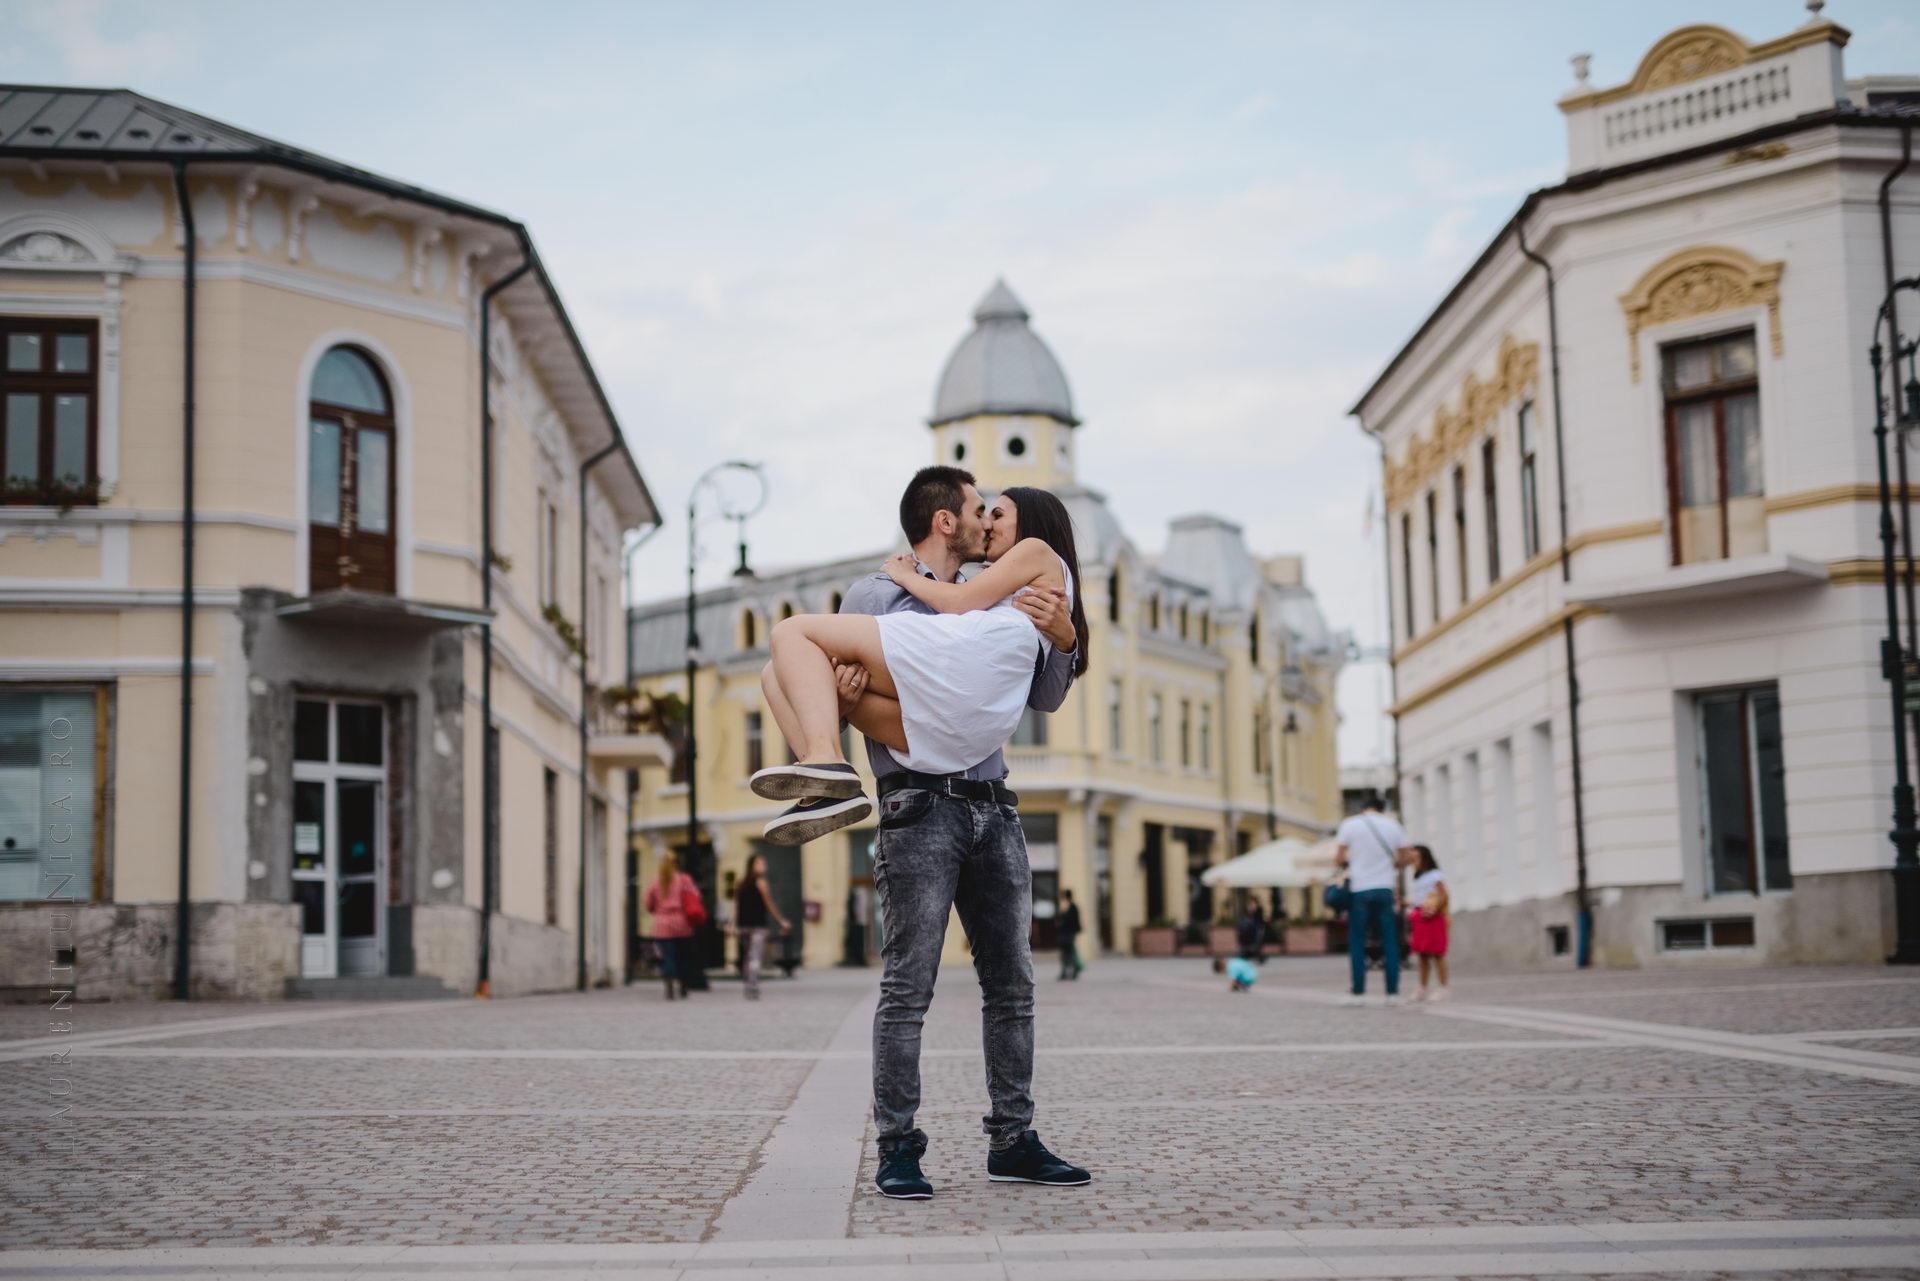 sedinta foto save the date fotograf laurentiu nica craiova 16 - Ramona & Marius | Sedinta foto Save the Date